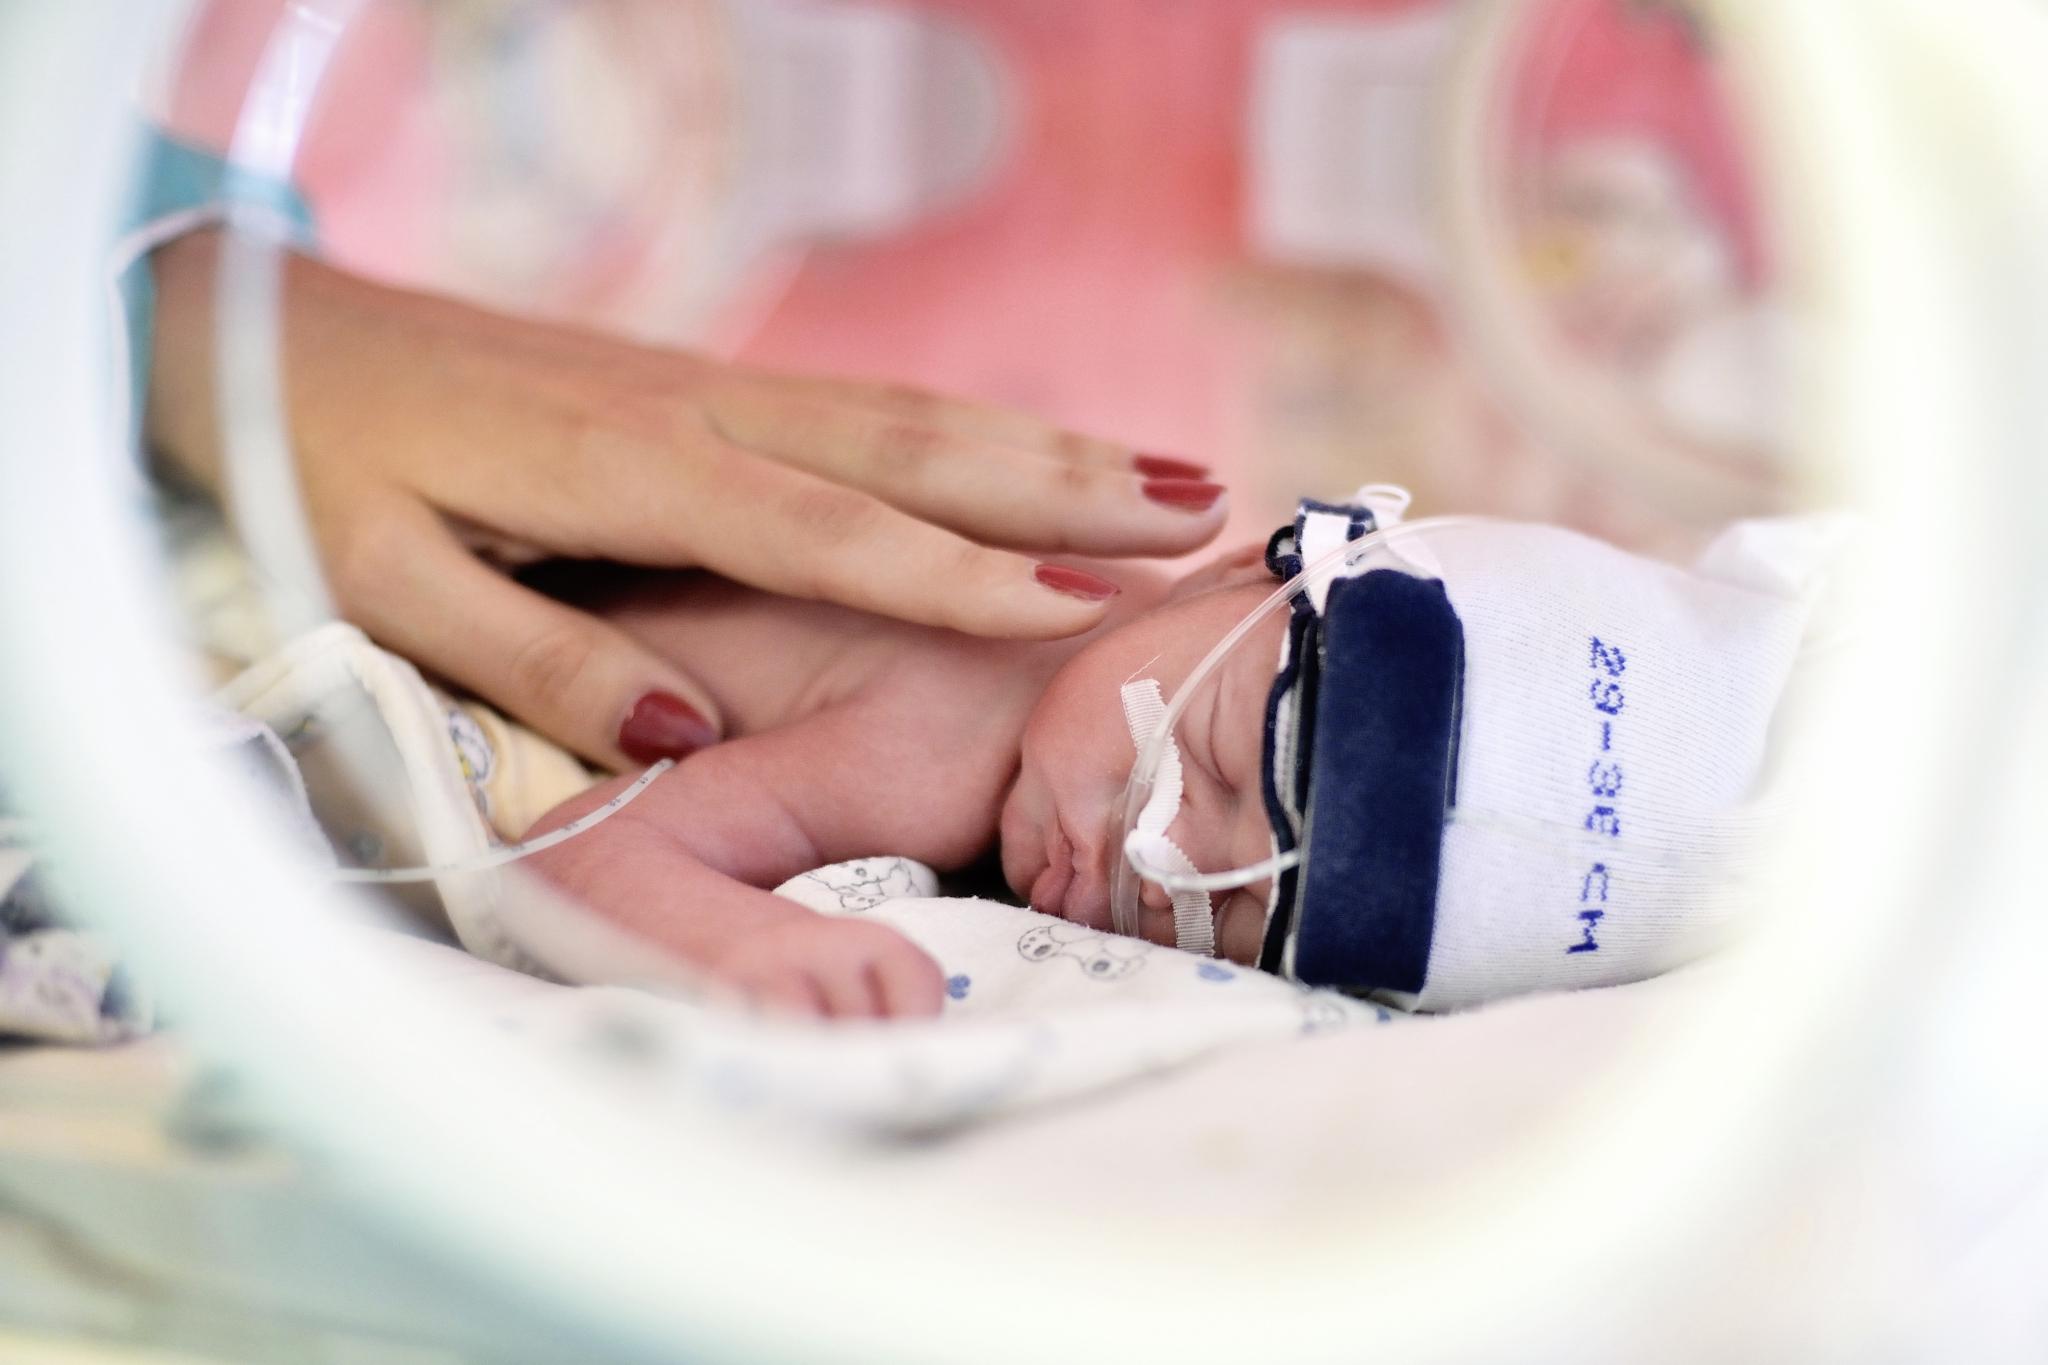 Недоношенный ребенок: развитие, кормление и уход